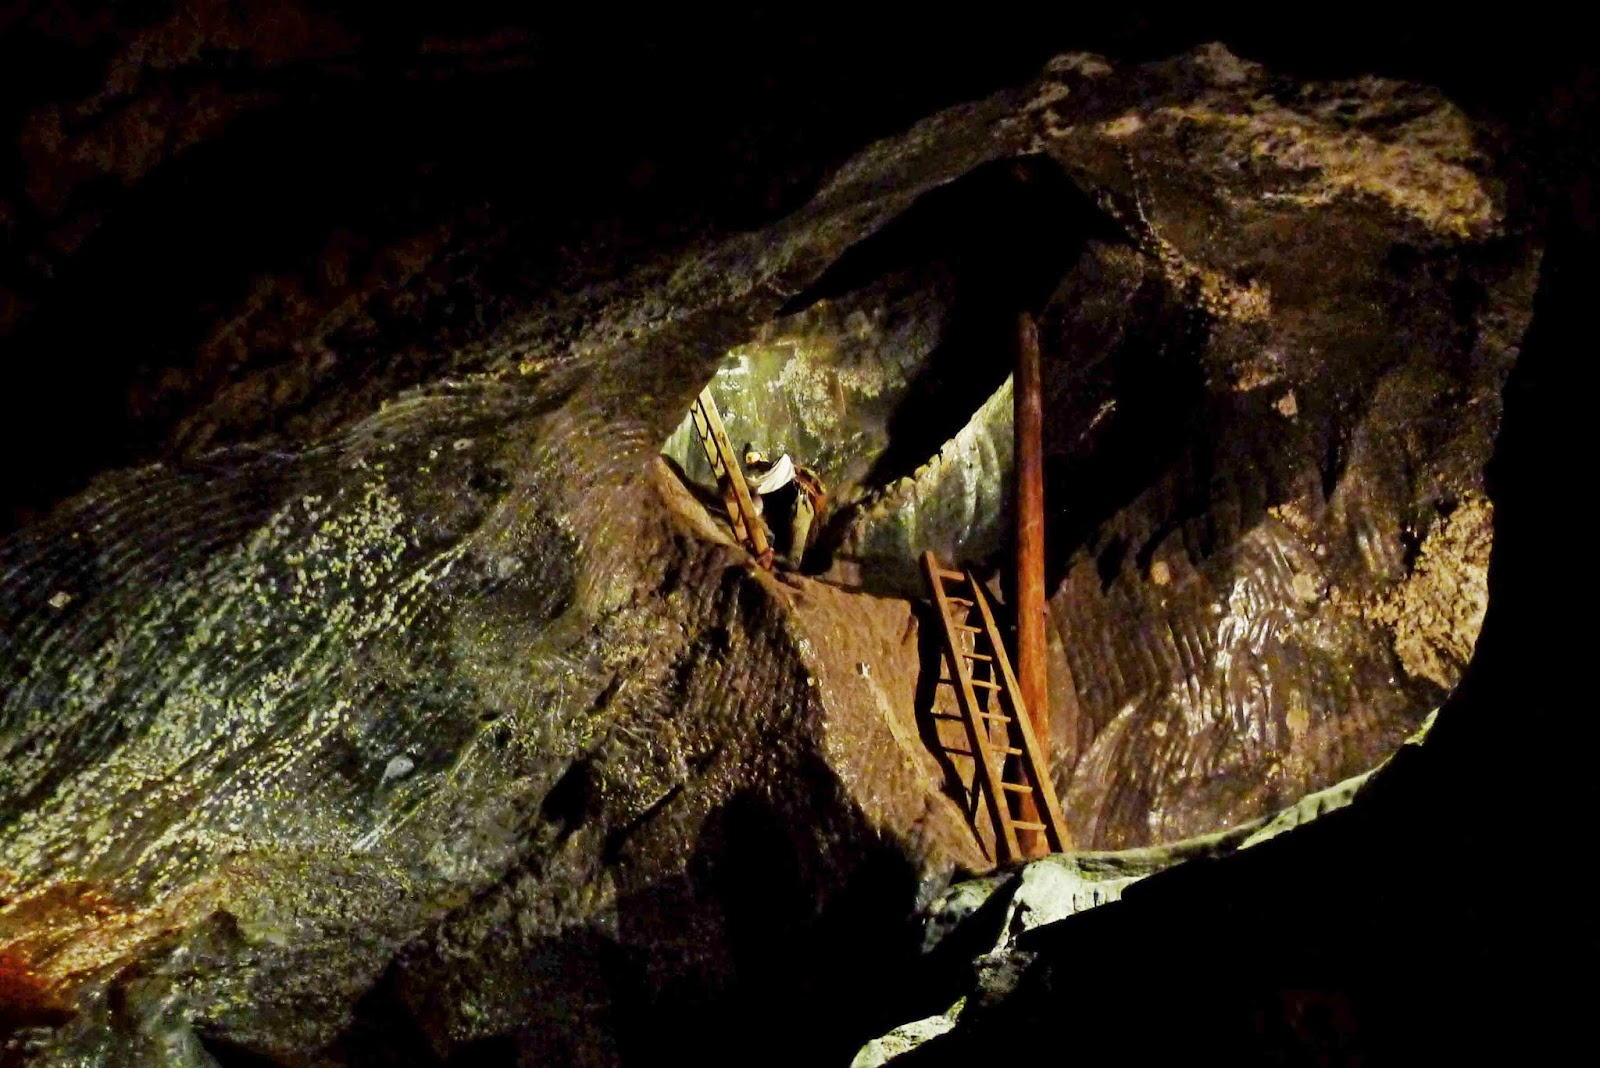 Wieliczka Salt Mine Ladders